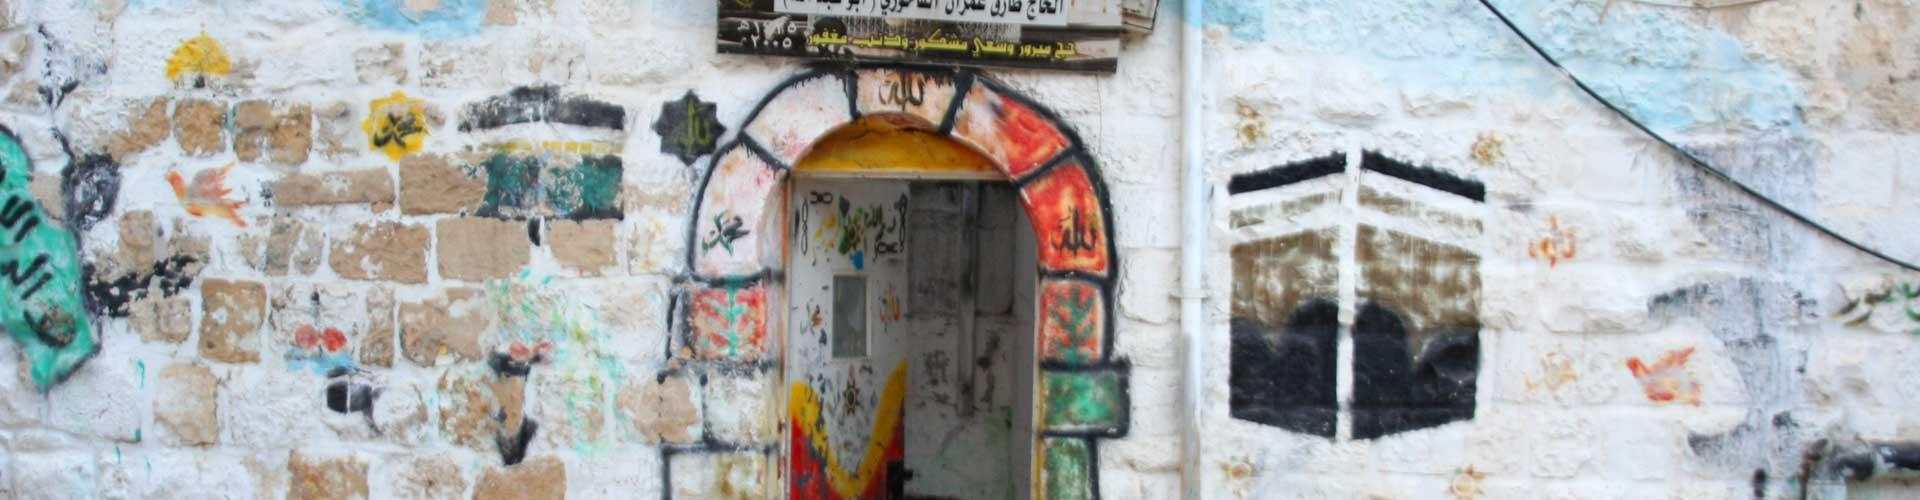 סיור ברובע המוסלמי בירושלים